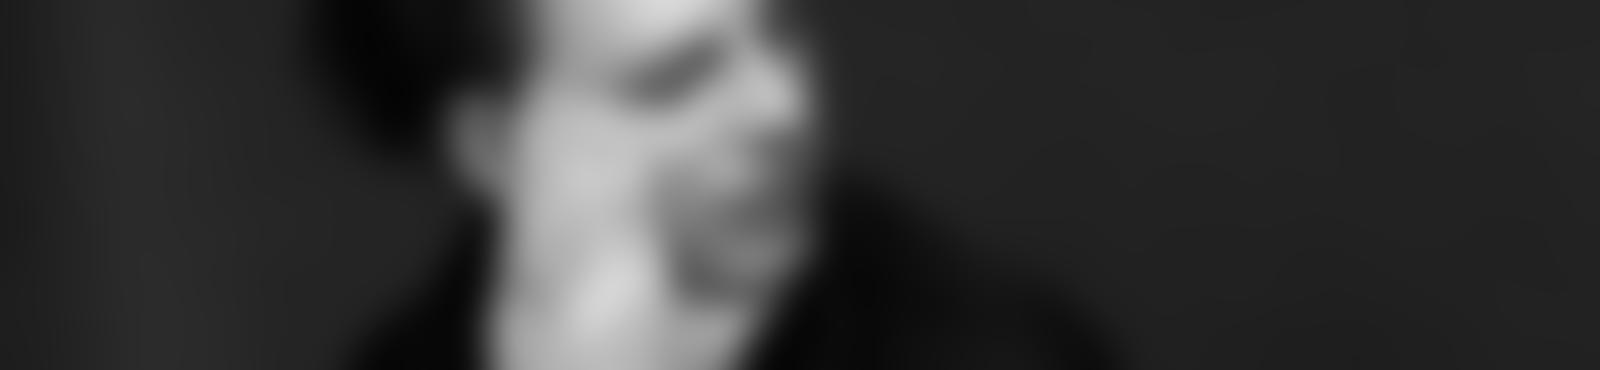 Blurred c436c165 e514 4017 9e27 259faeebf211